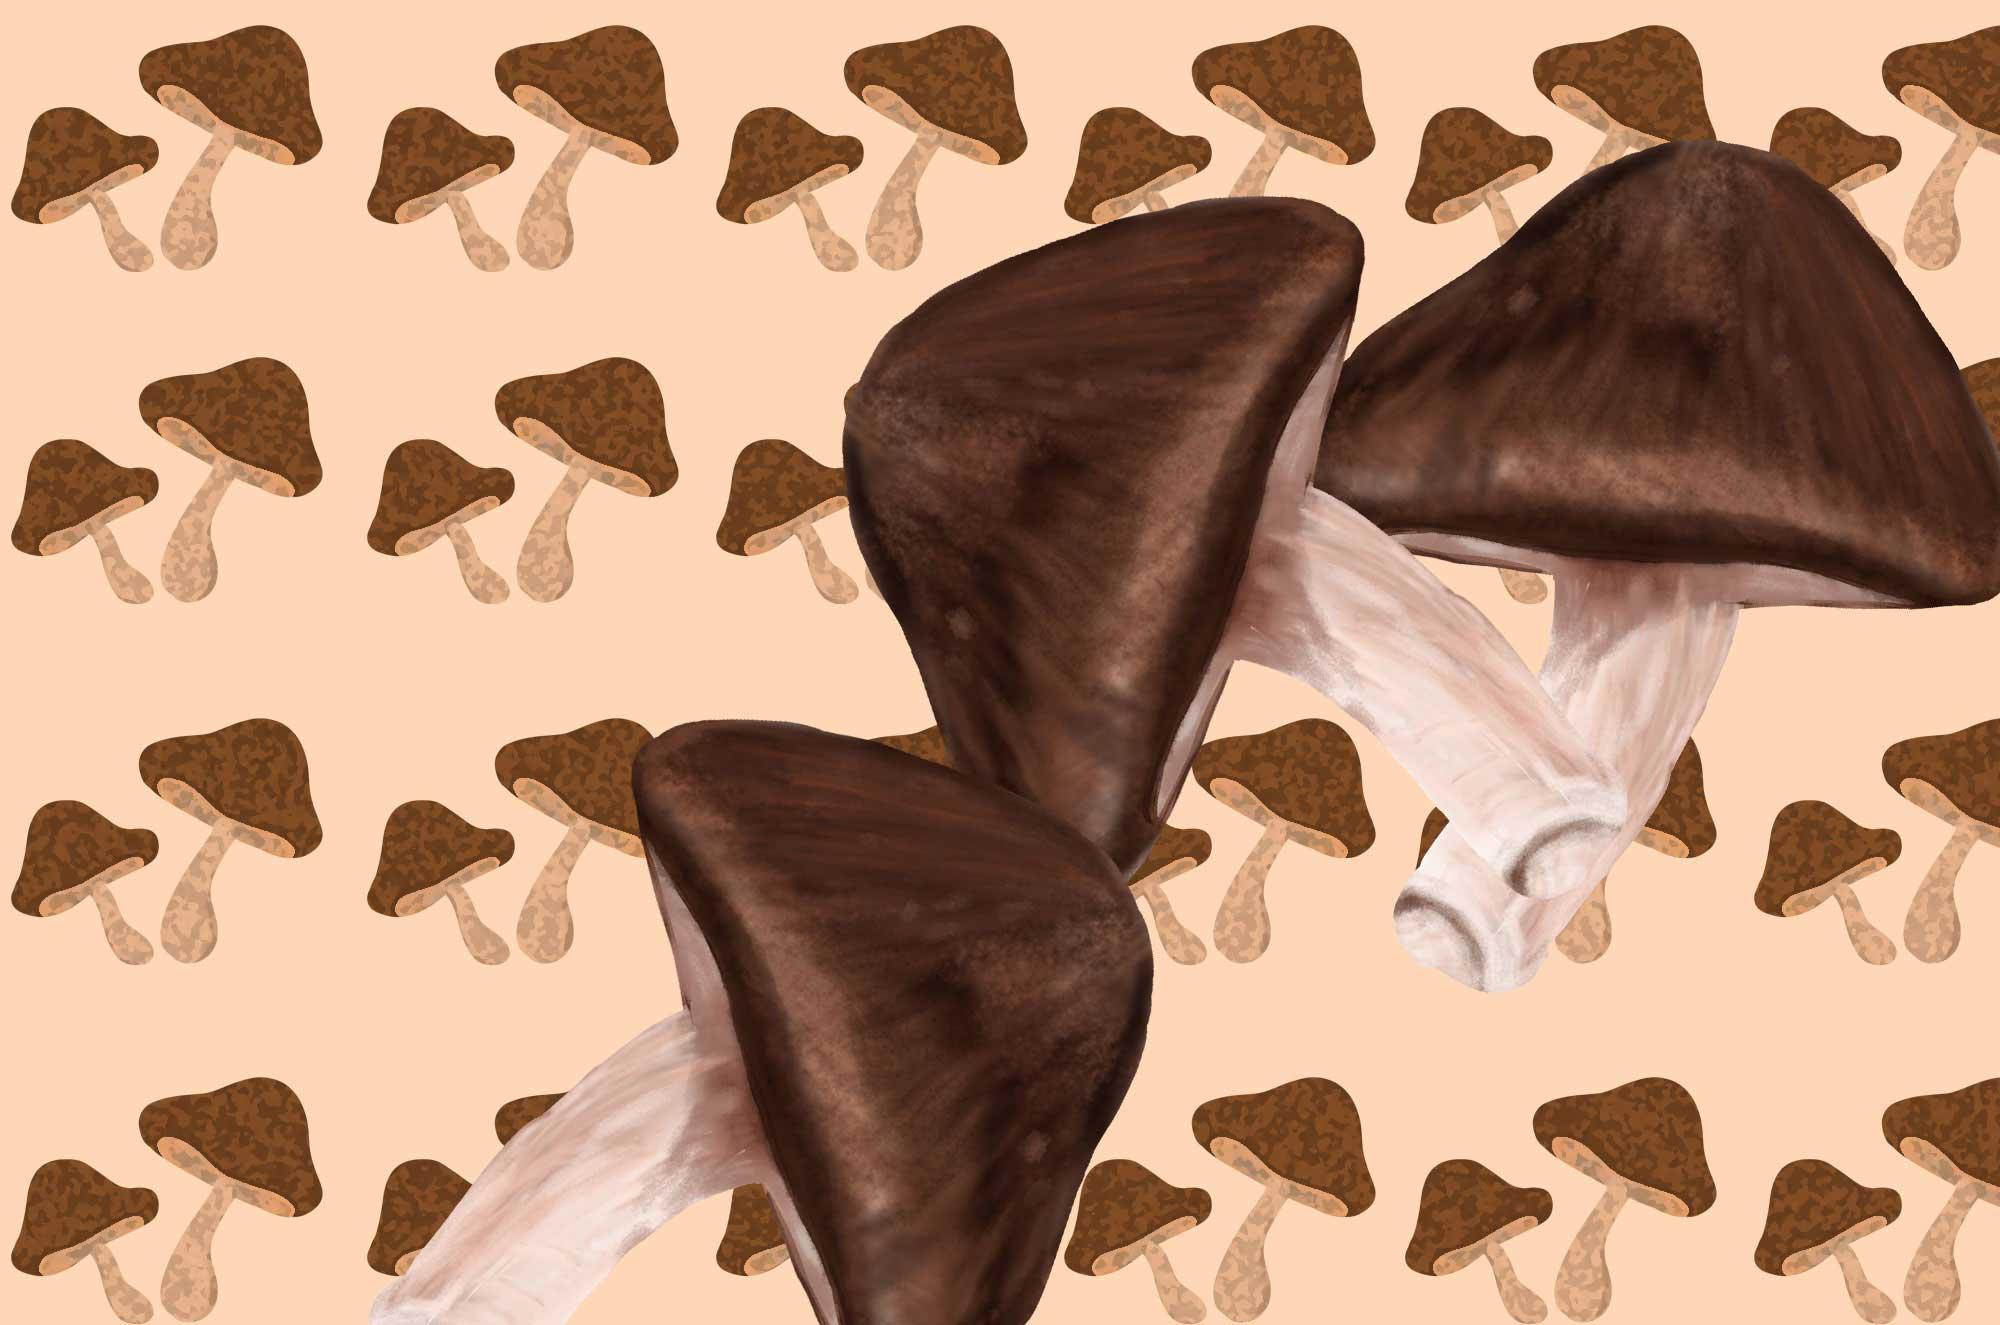 しいたけのイラスト | リアル・可愛いタッチの無料素材